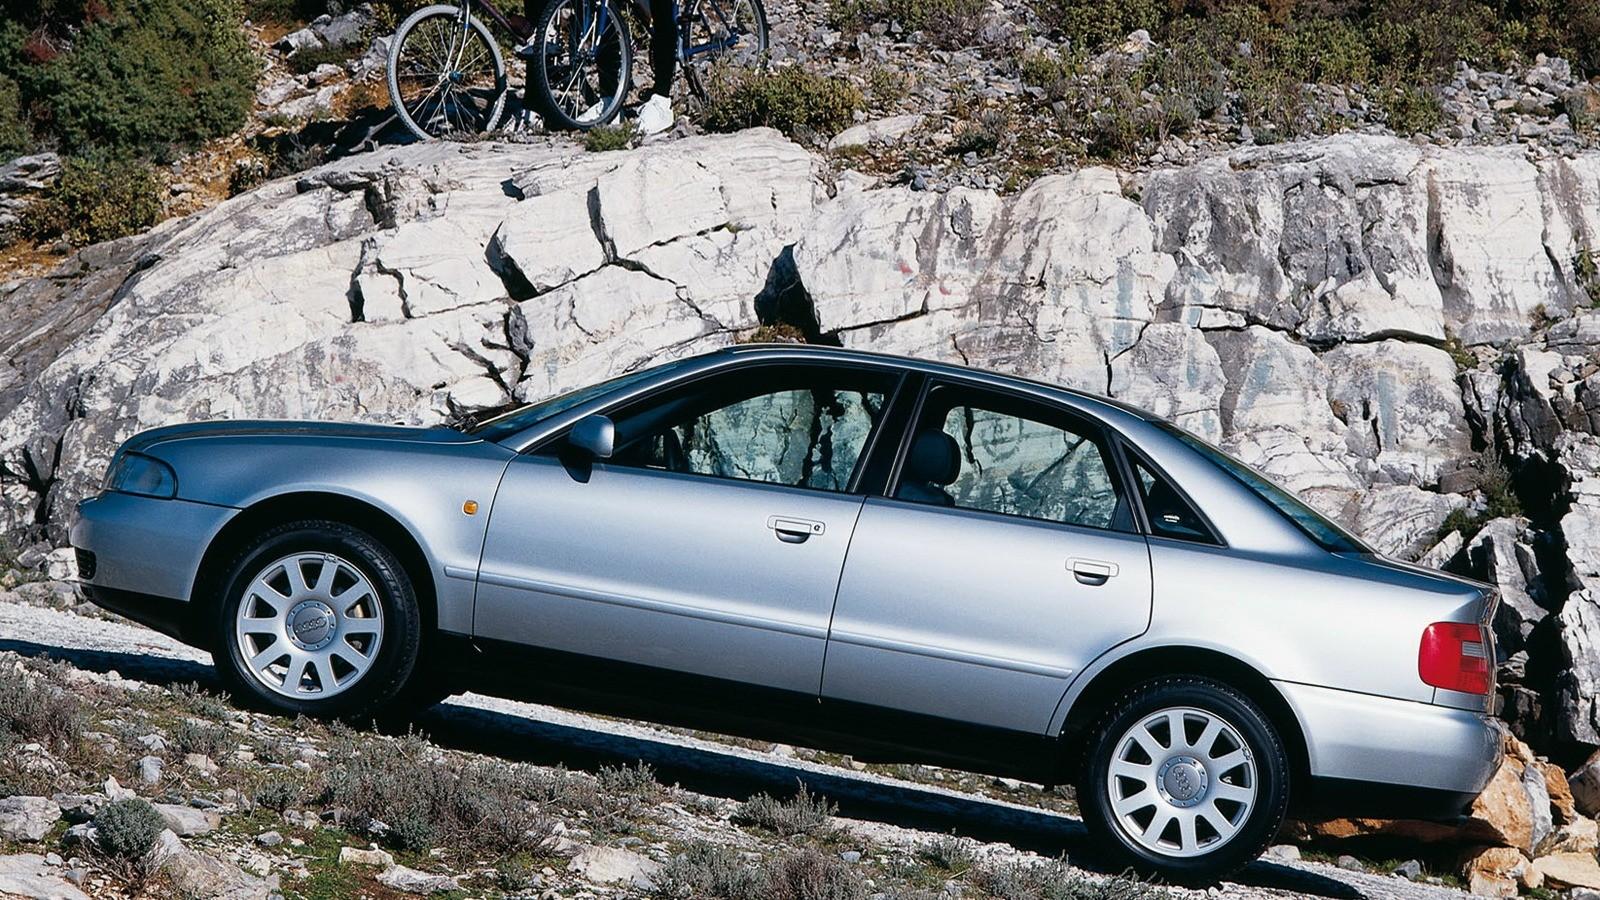 Audi A4 B5 в горной местности